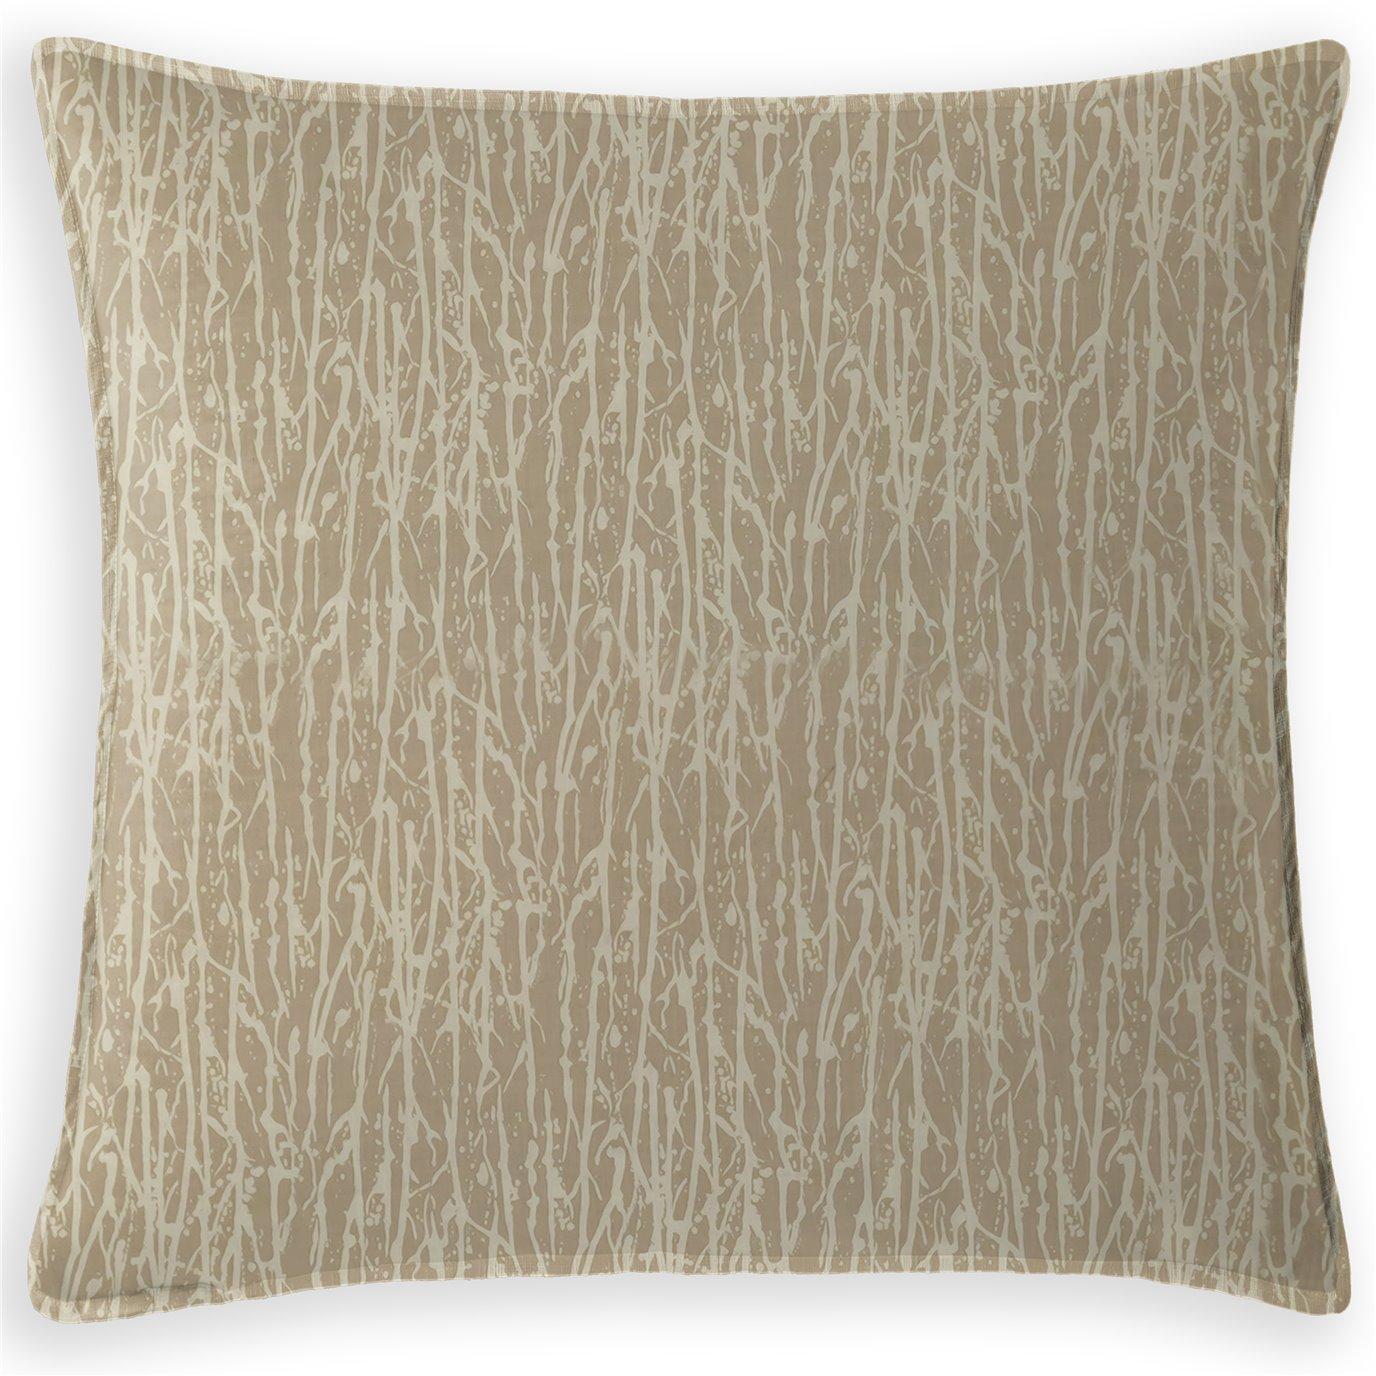 Willowbrook Pillow Sham - Euro